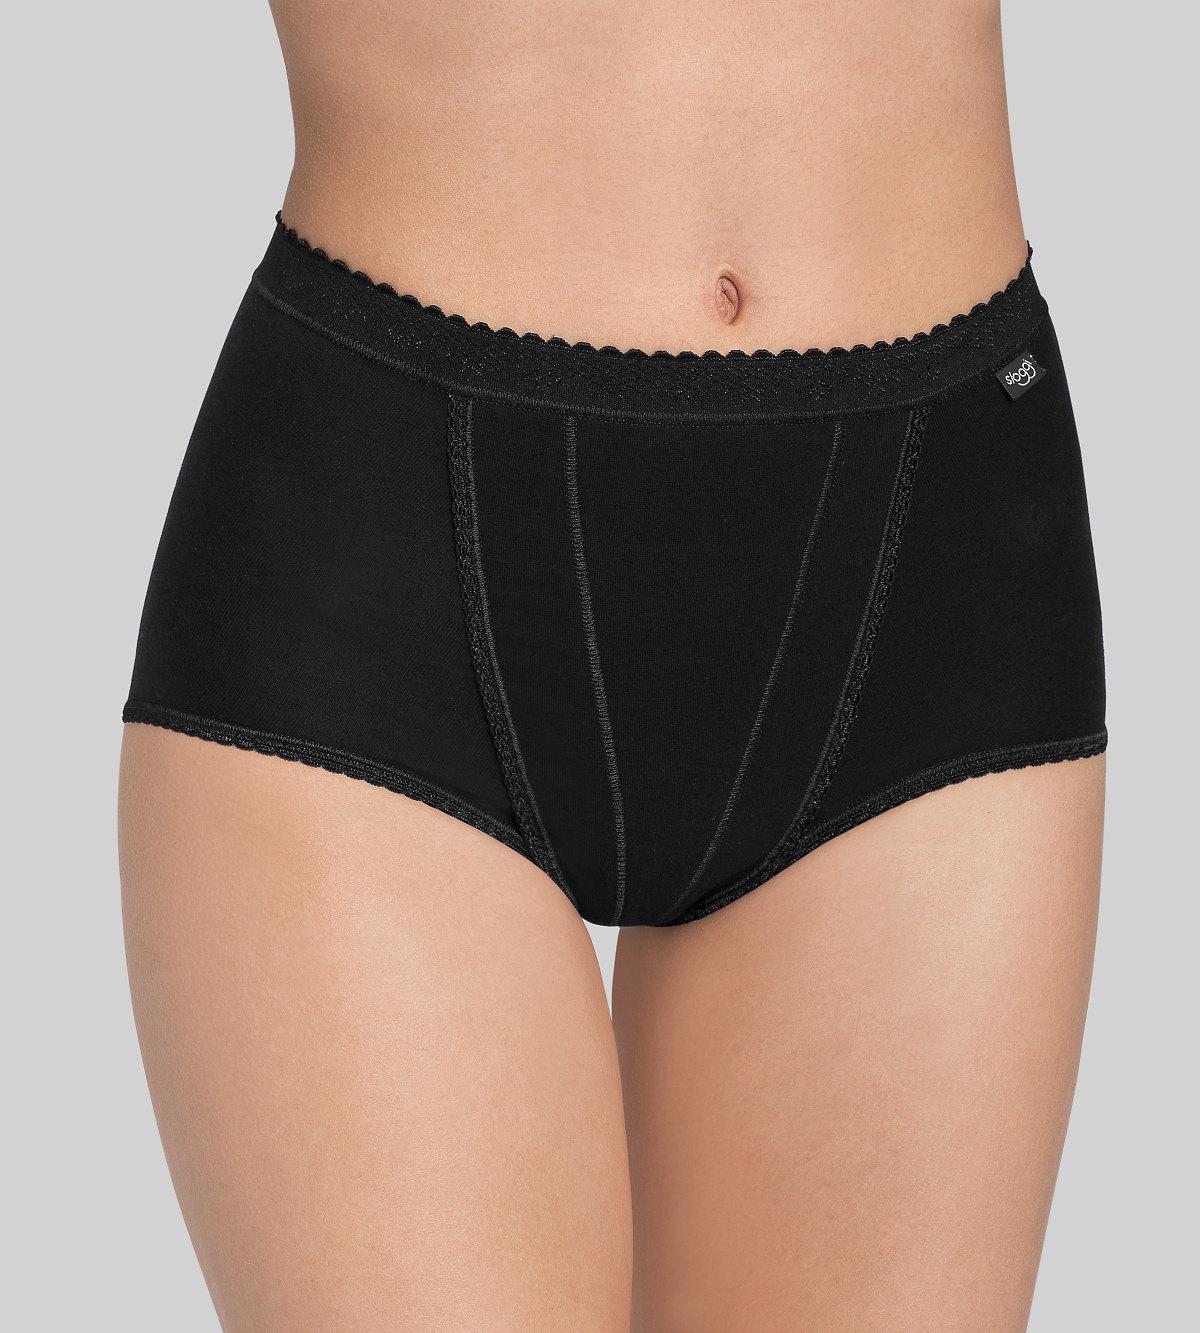 Kalhotky Sloggi Control Maxi černá Velikost do filtru: 46, Barva Triumph: černá (0004)